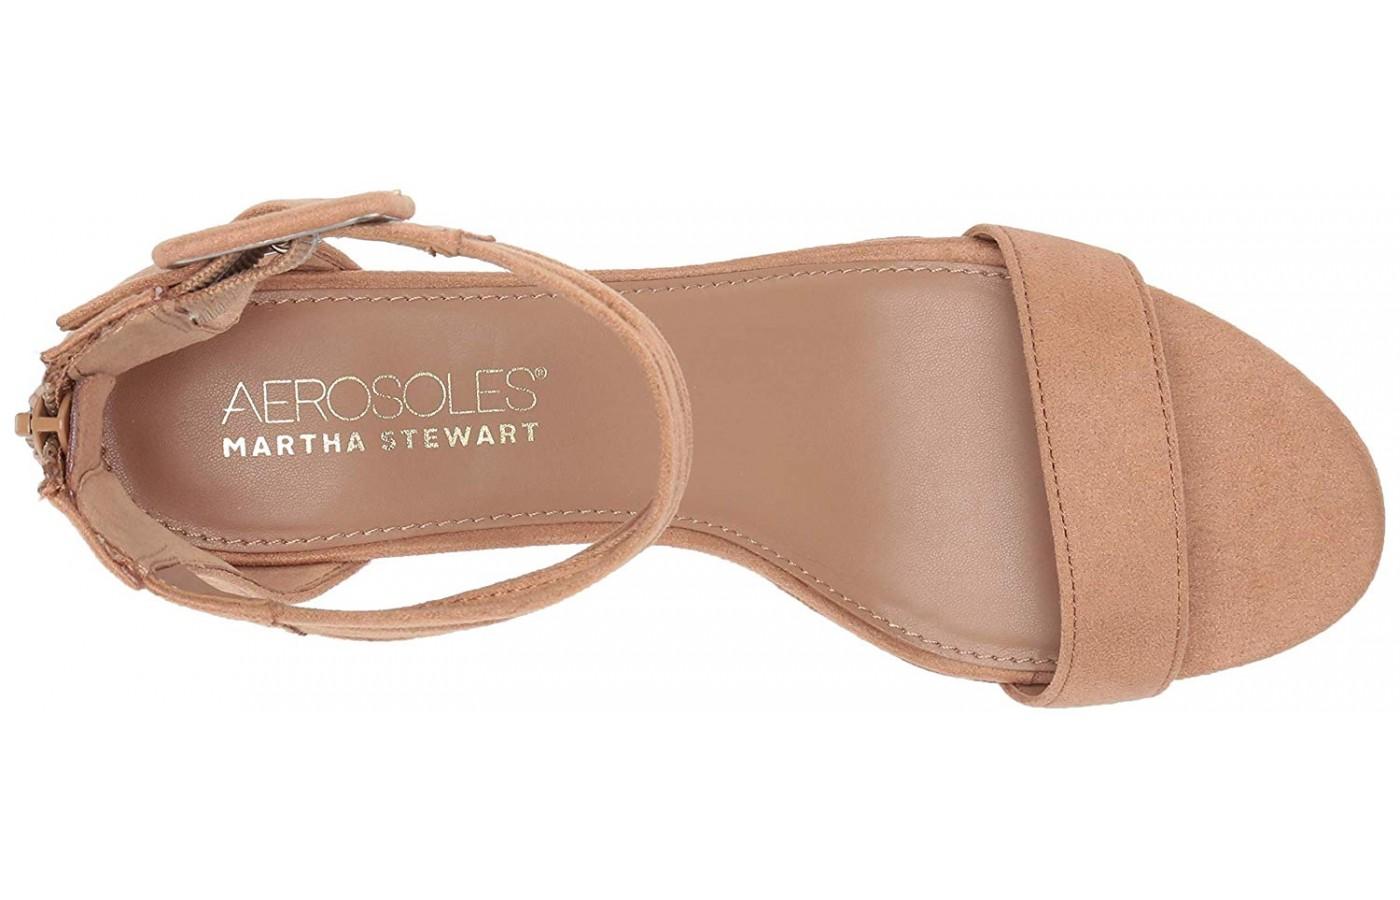 Aerosoles Martha Stewart Mid Year memory foam footbed